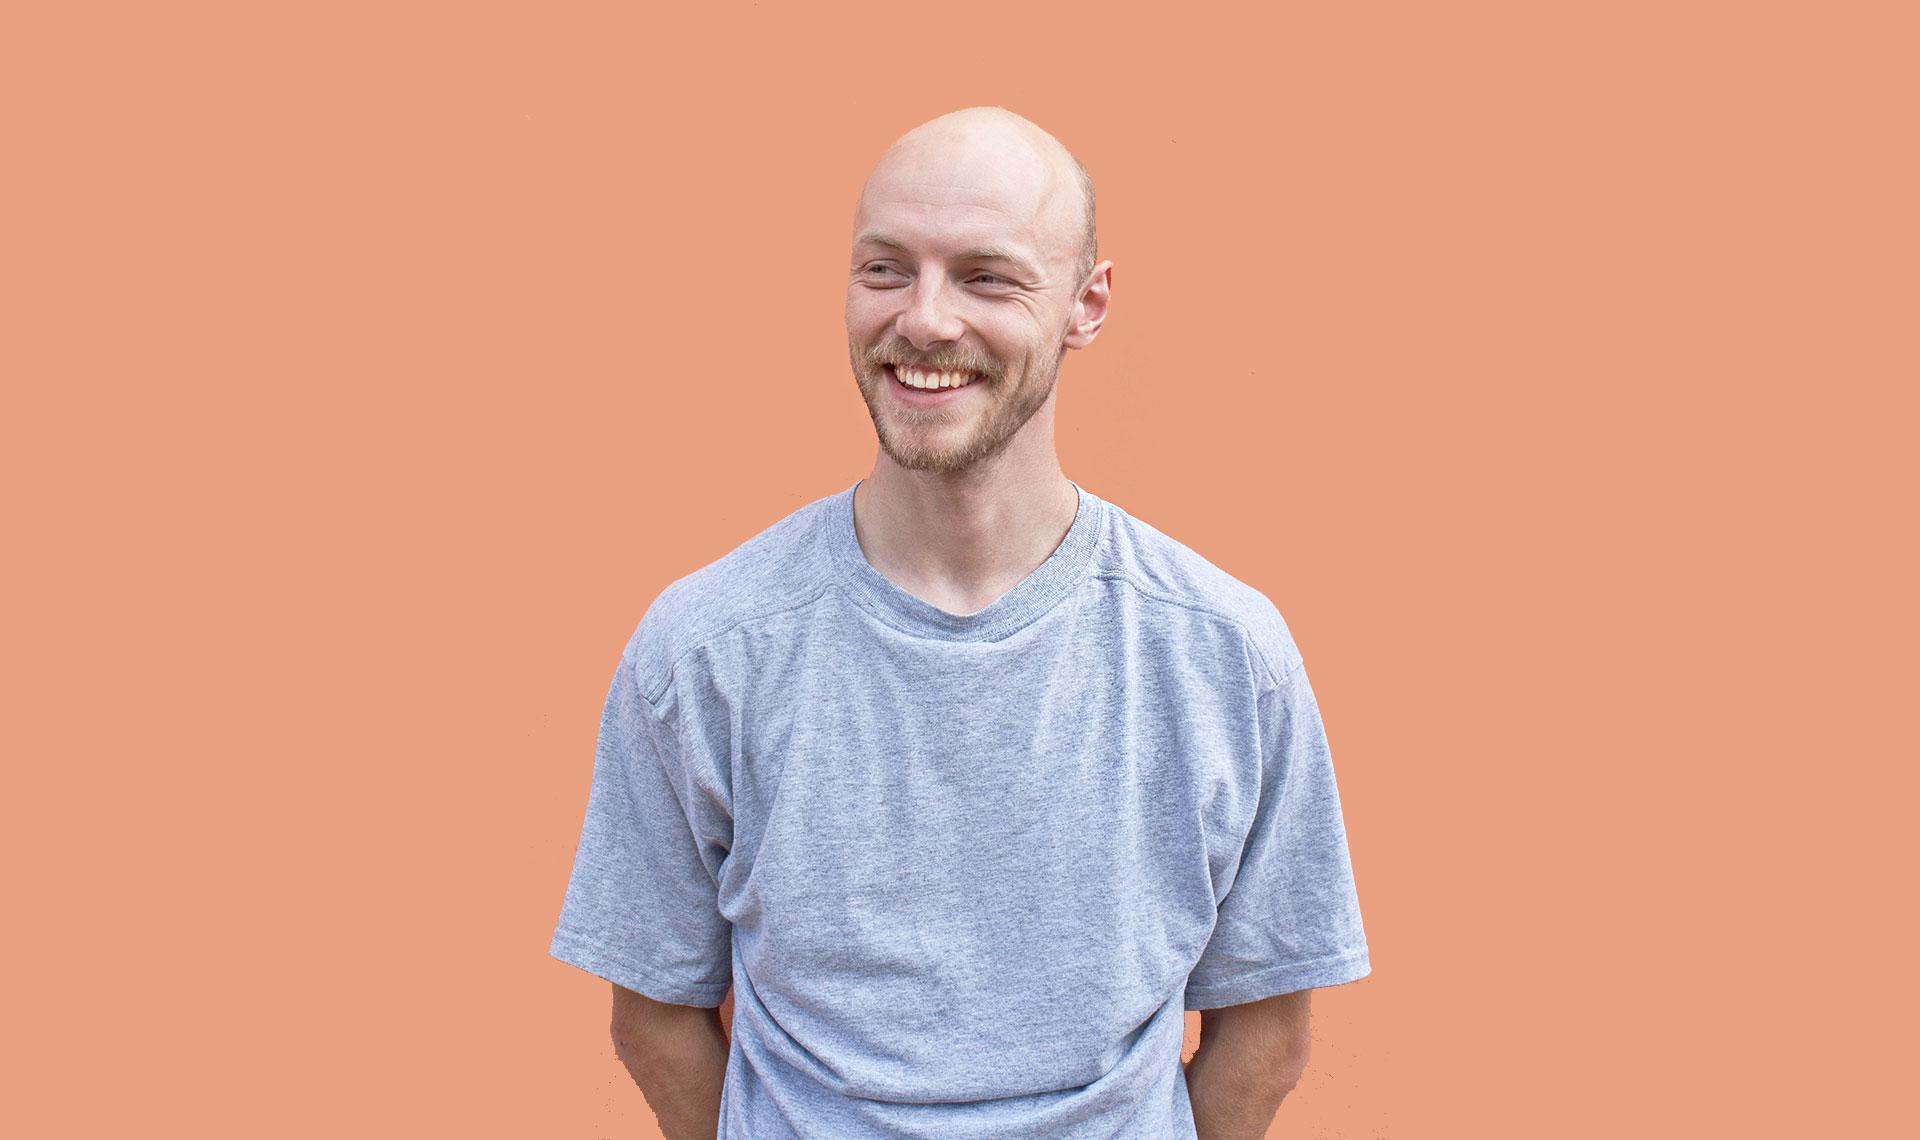 Сеп Вербоом назван дизайнером 2020 года